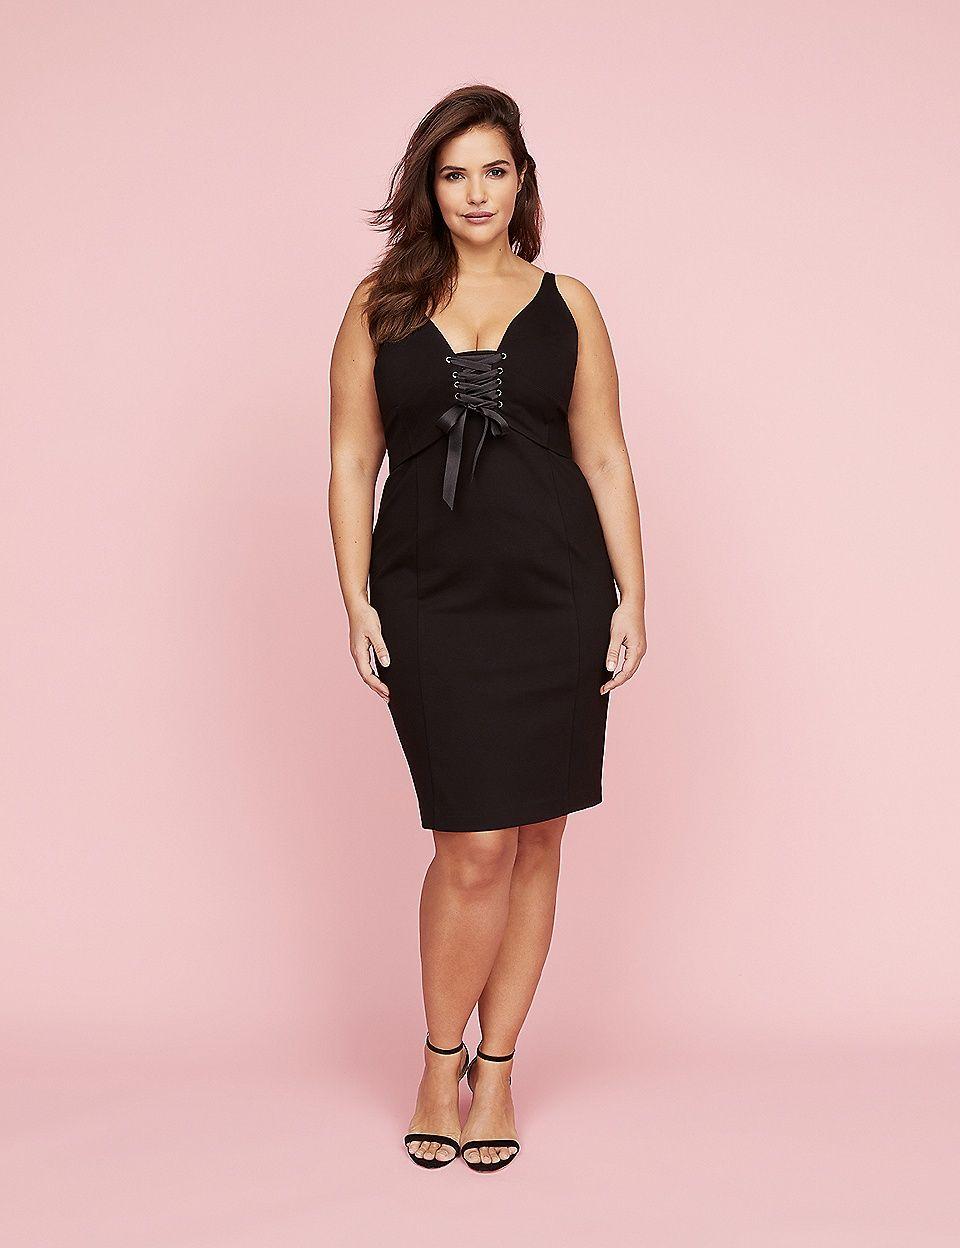 Corset Plus Size Dresses